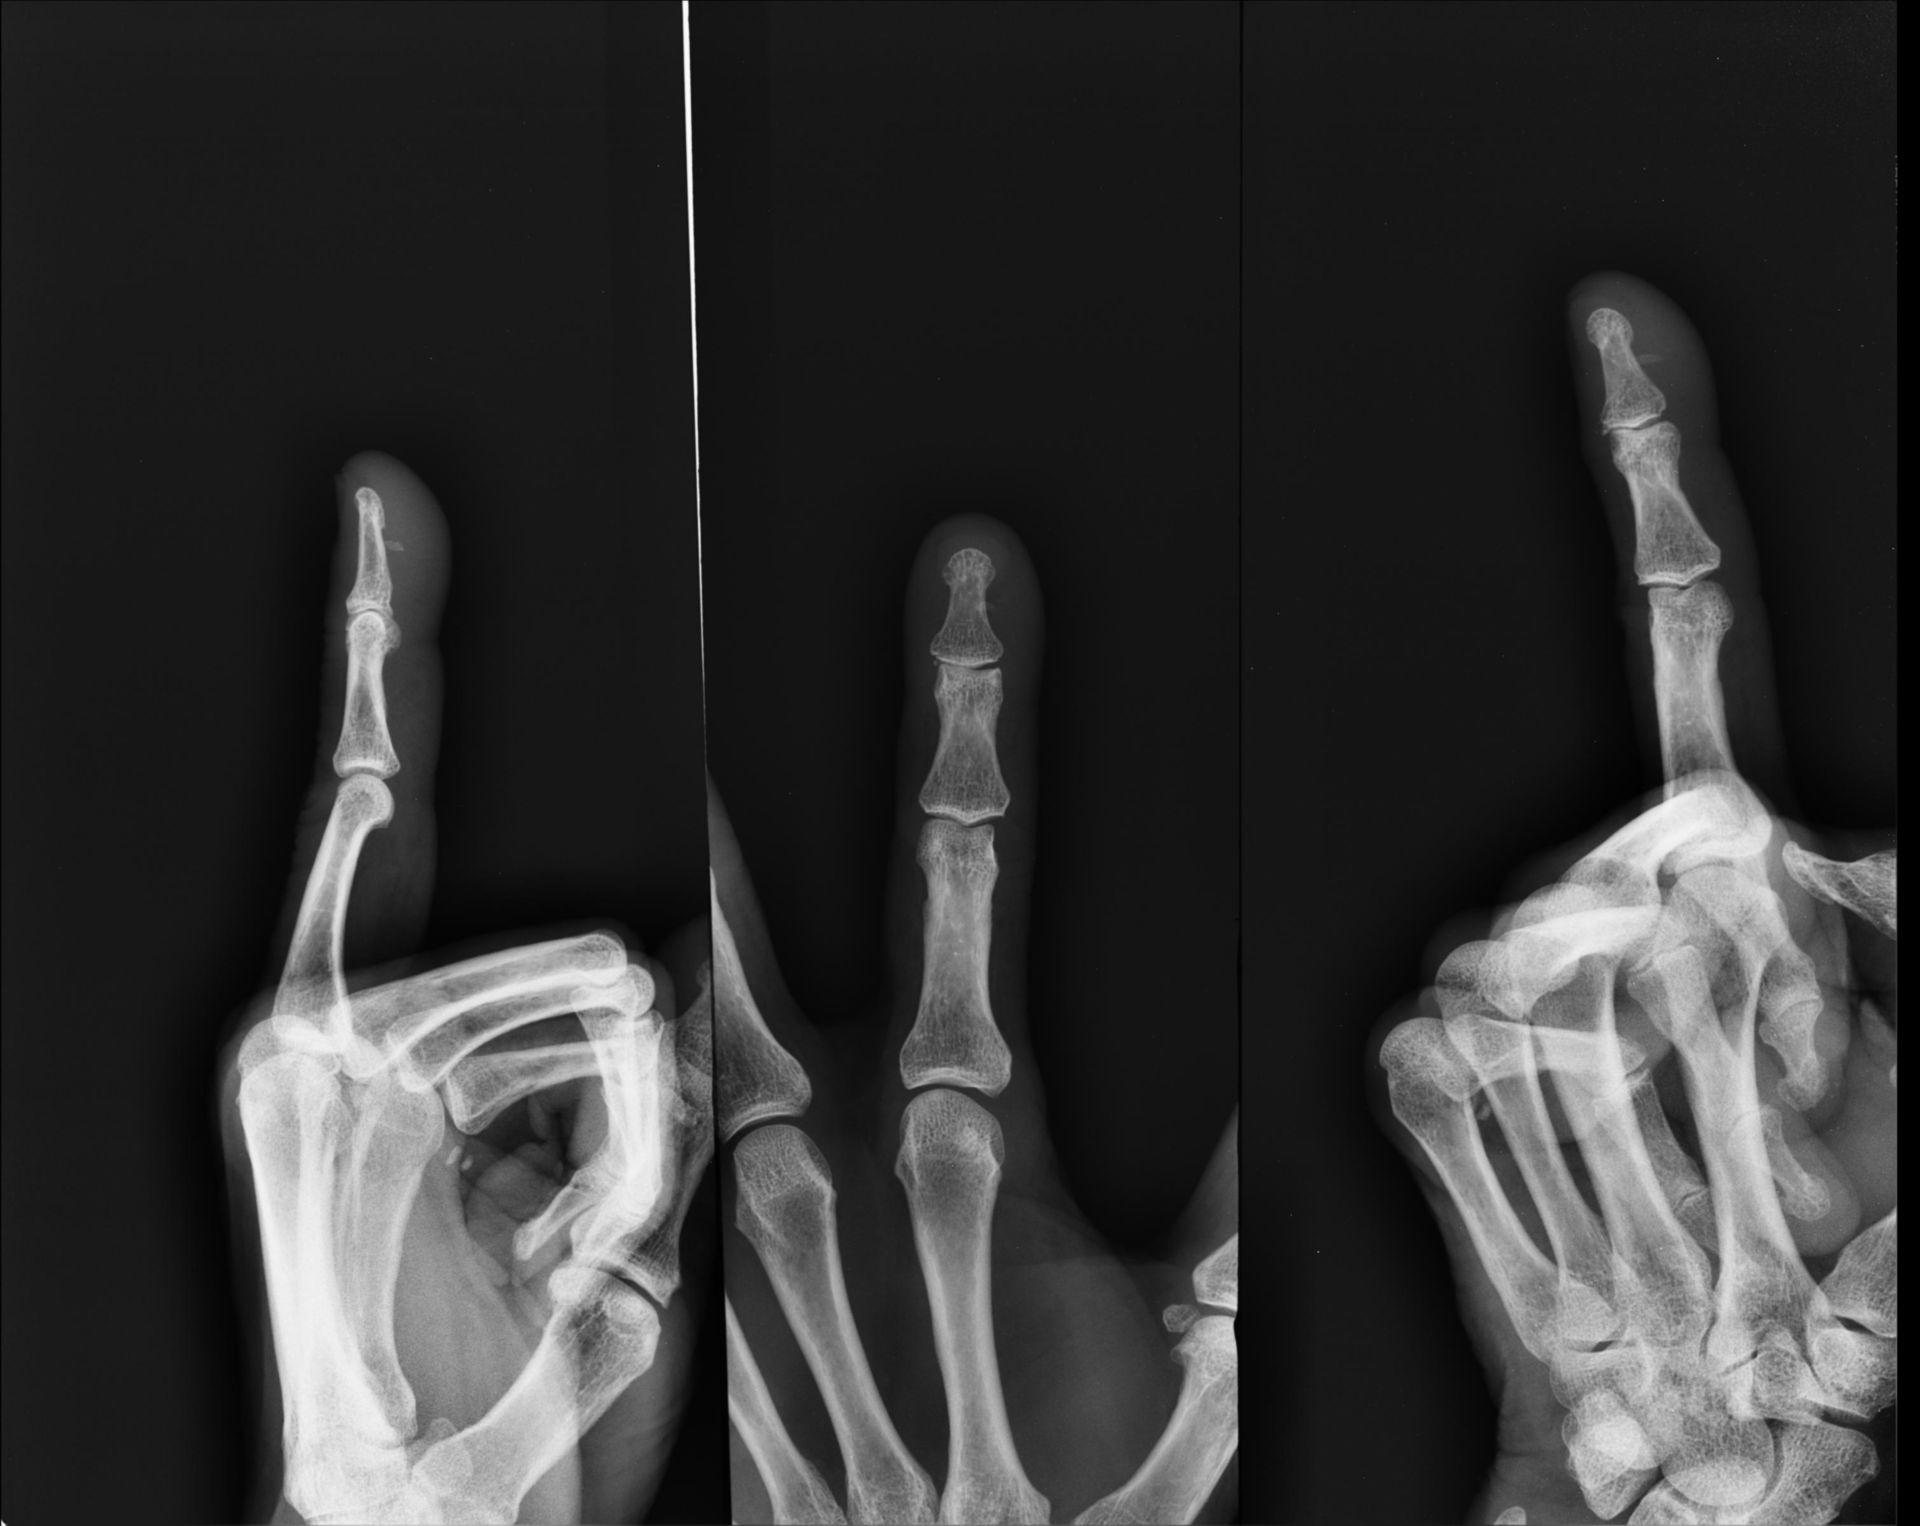 Schegge di vetro nella mano